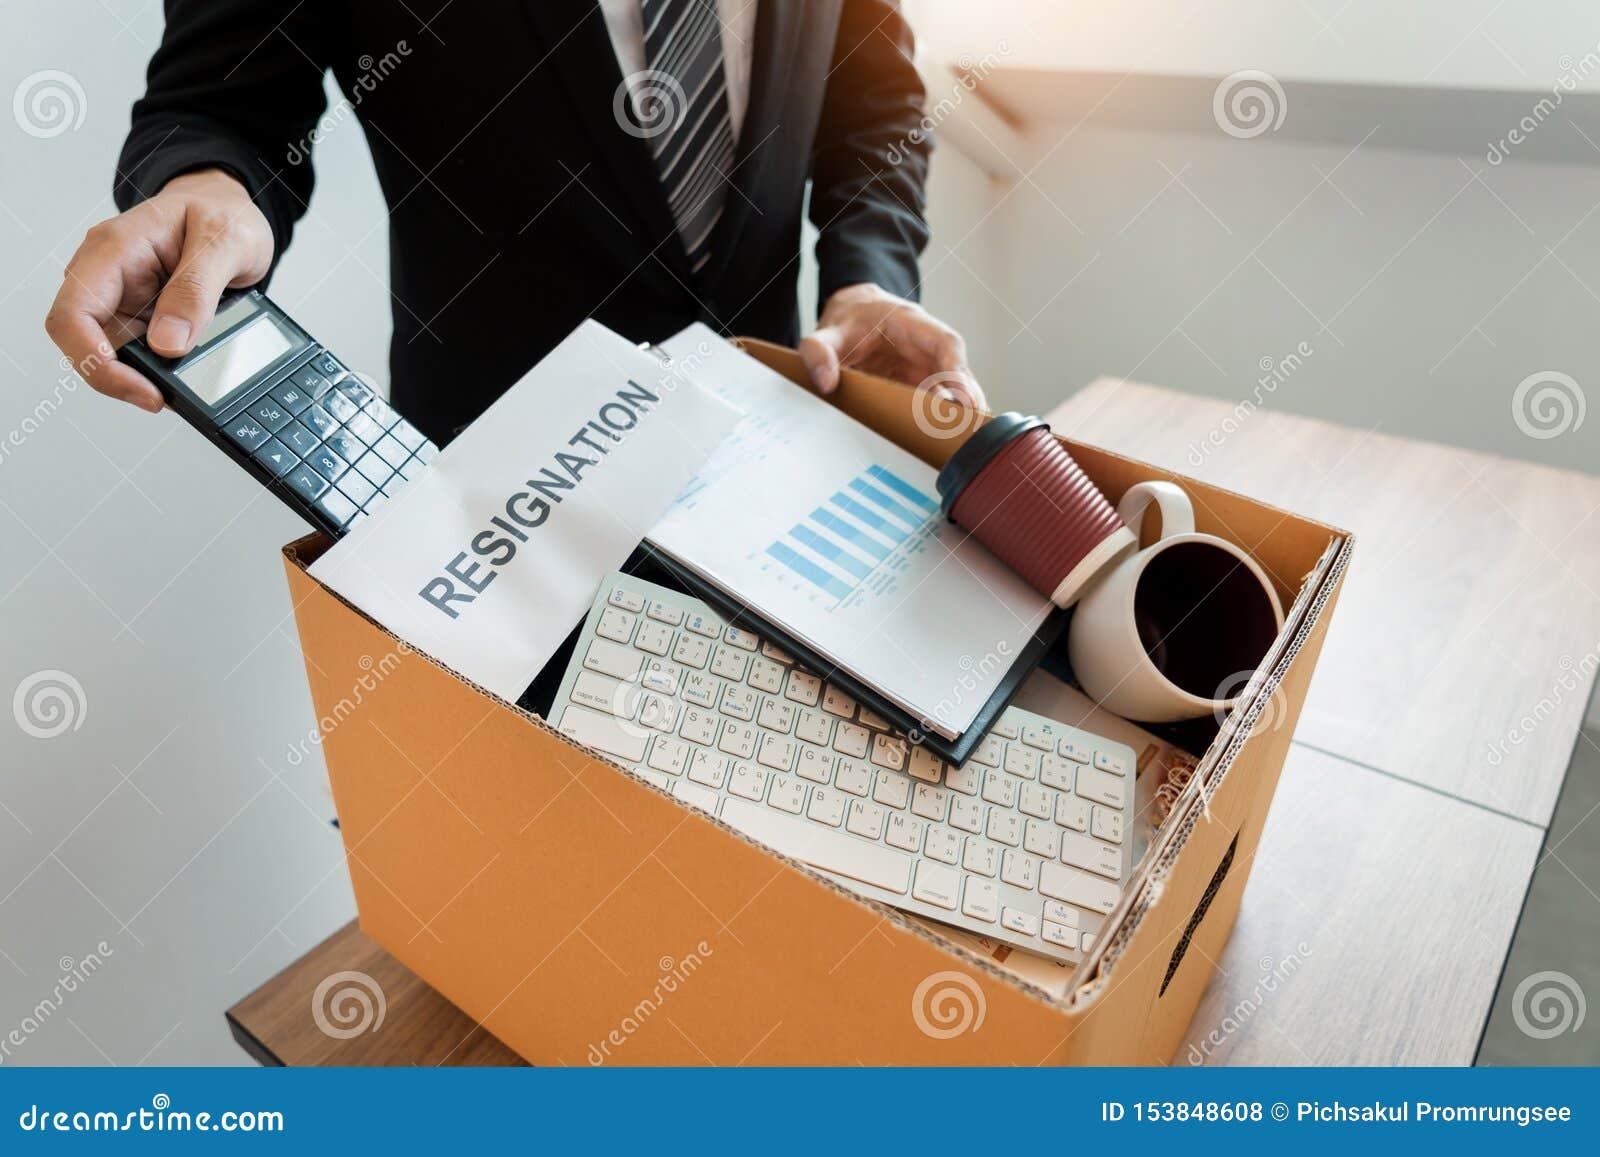 Empresa pessoal de embalagem levando do empresário na caixa de cartão marrom e cartas de demissão para parado ou mudança de sair